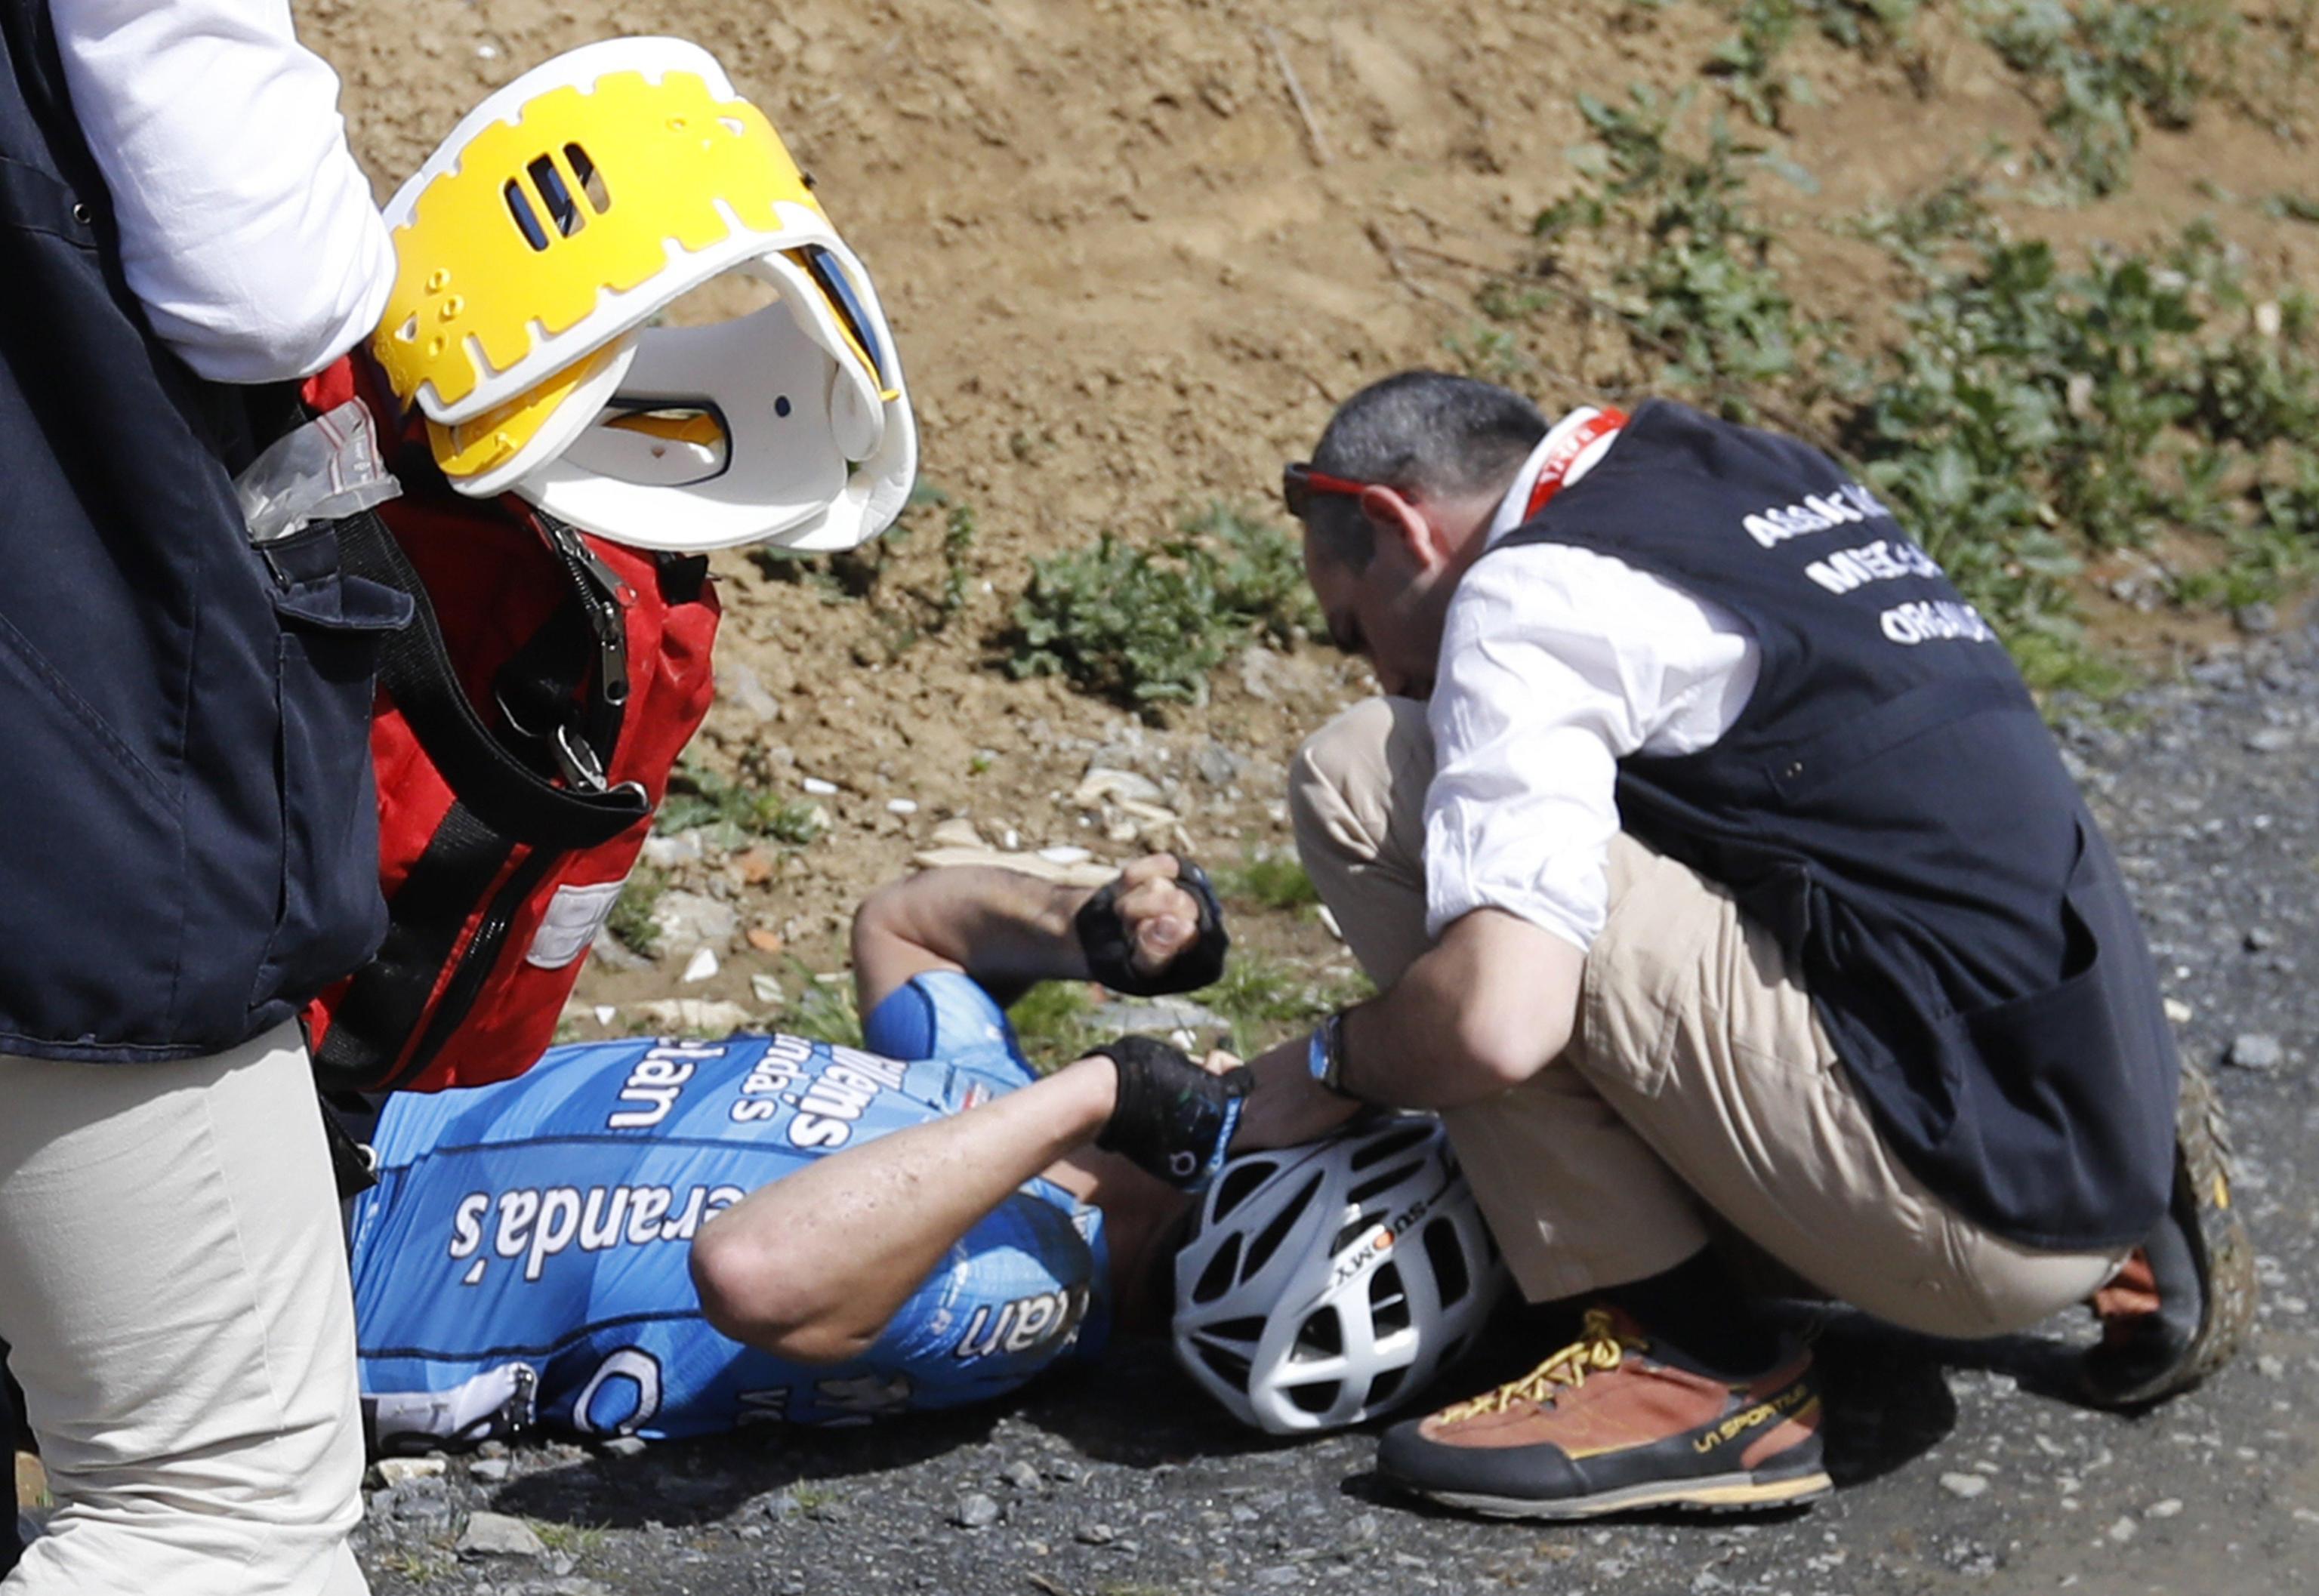 E' morto il ciclista belga 23enne Michael Goolaerts: ha avuto un infarto in gara